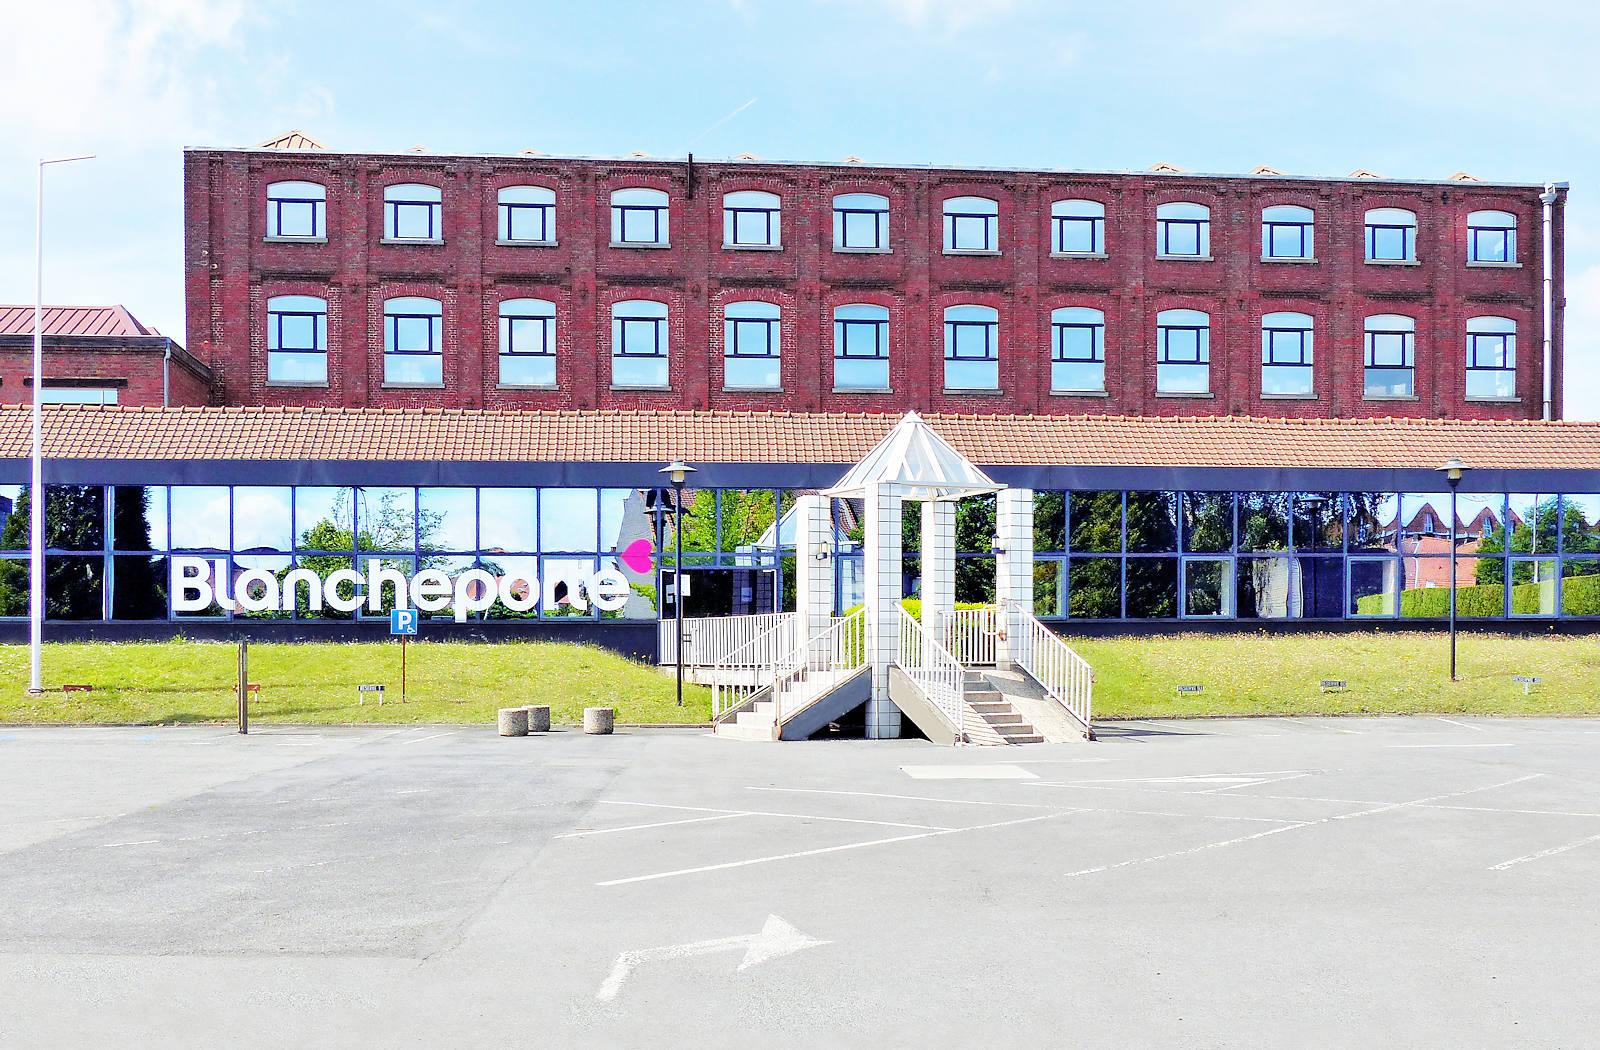 Blancheporte, Tourcoing - Siège social et bureaux de conception.